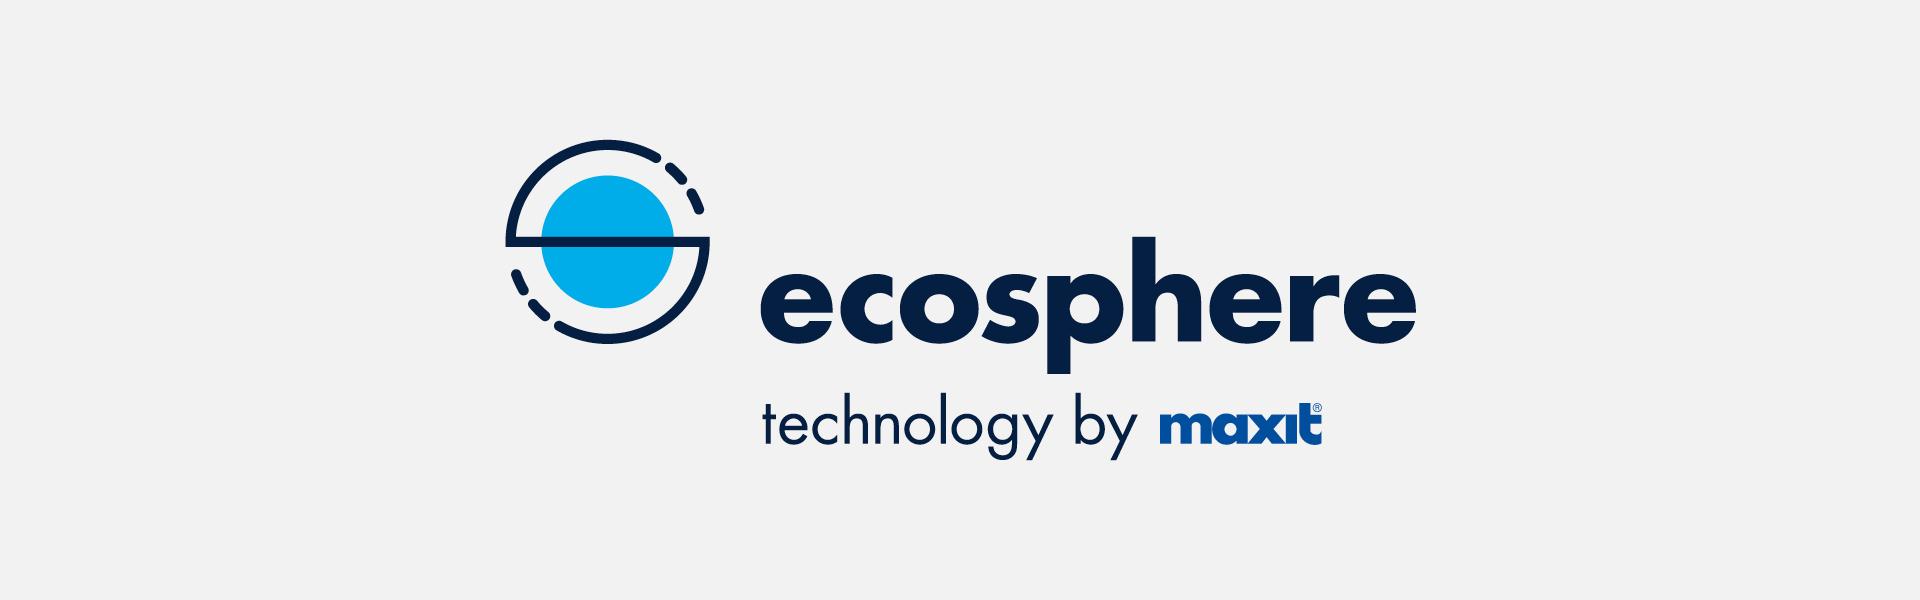 maxit ecosphere / Logo Positiv